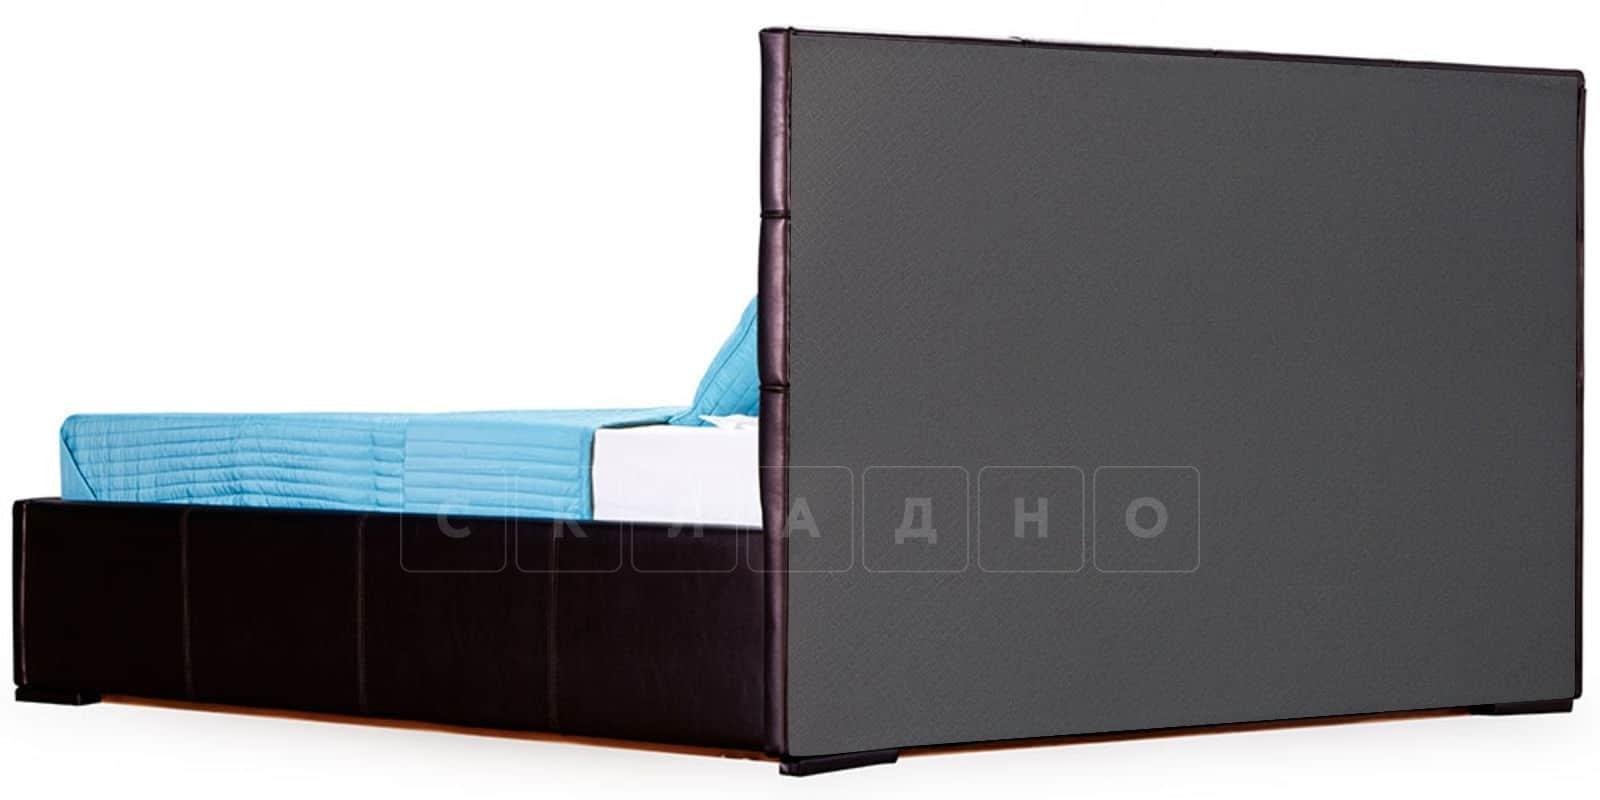 Мягкая кровать Лайф 160см шоколад без подъемного механизма фото 4 | интернет-магазин Складно